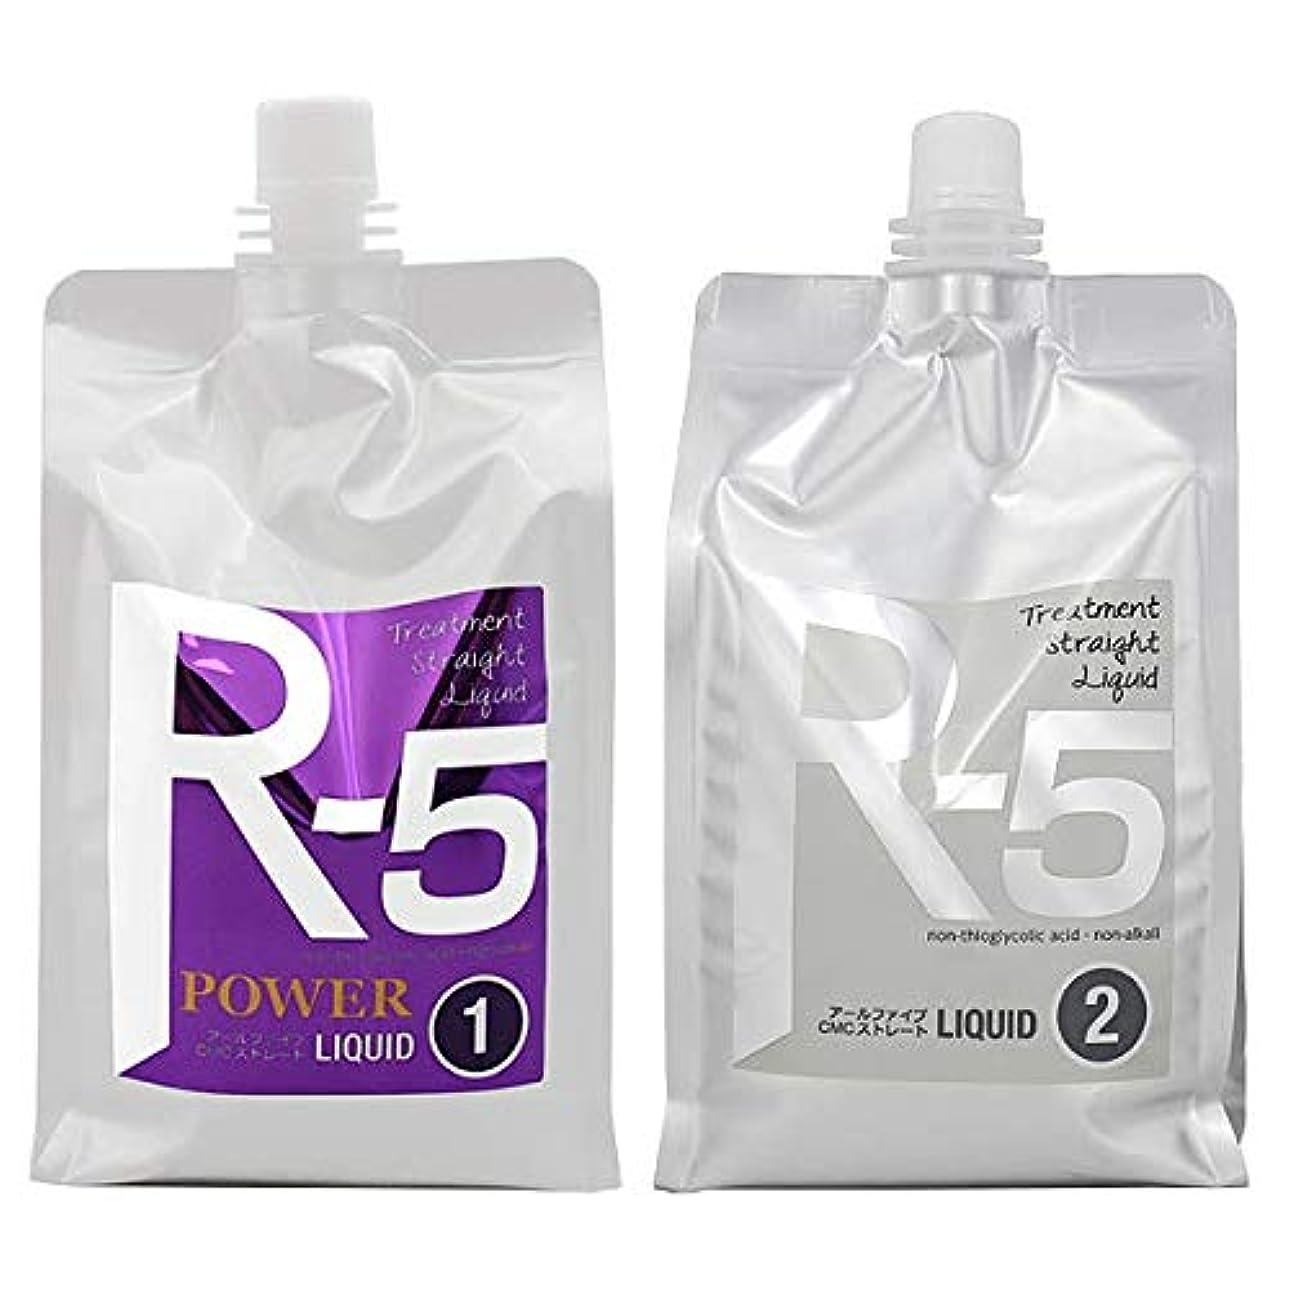 風変わりな蛇行忌避剤CMCトリートメントストレート R-5 パープル(パワー) ストレート剤